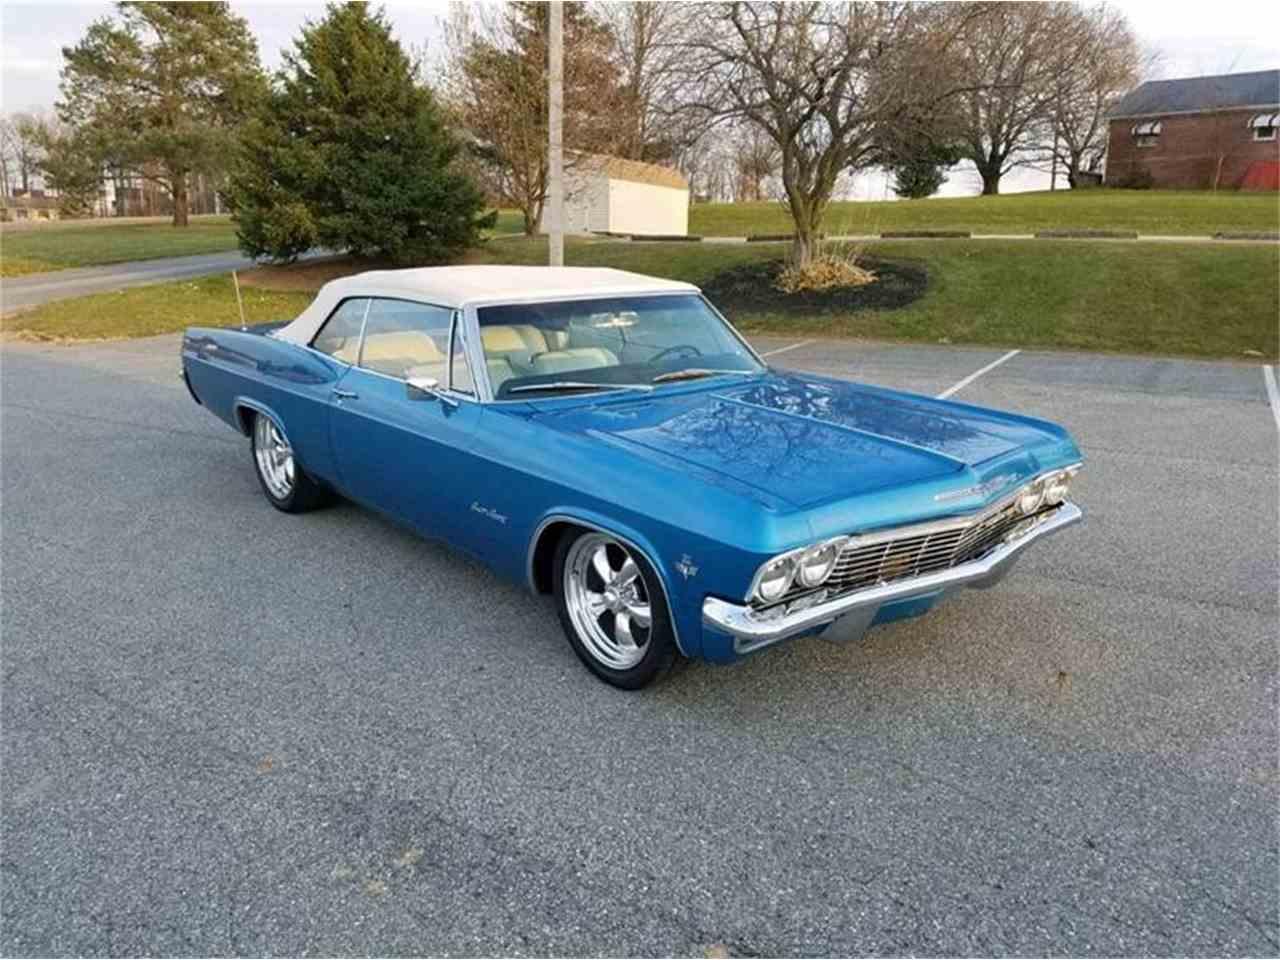 1965 Chevrolet Impala for Sale | ClassicCars.com | CC-1046799